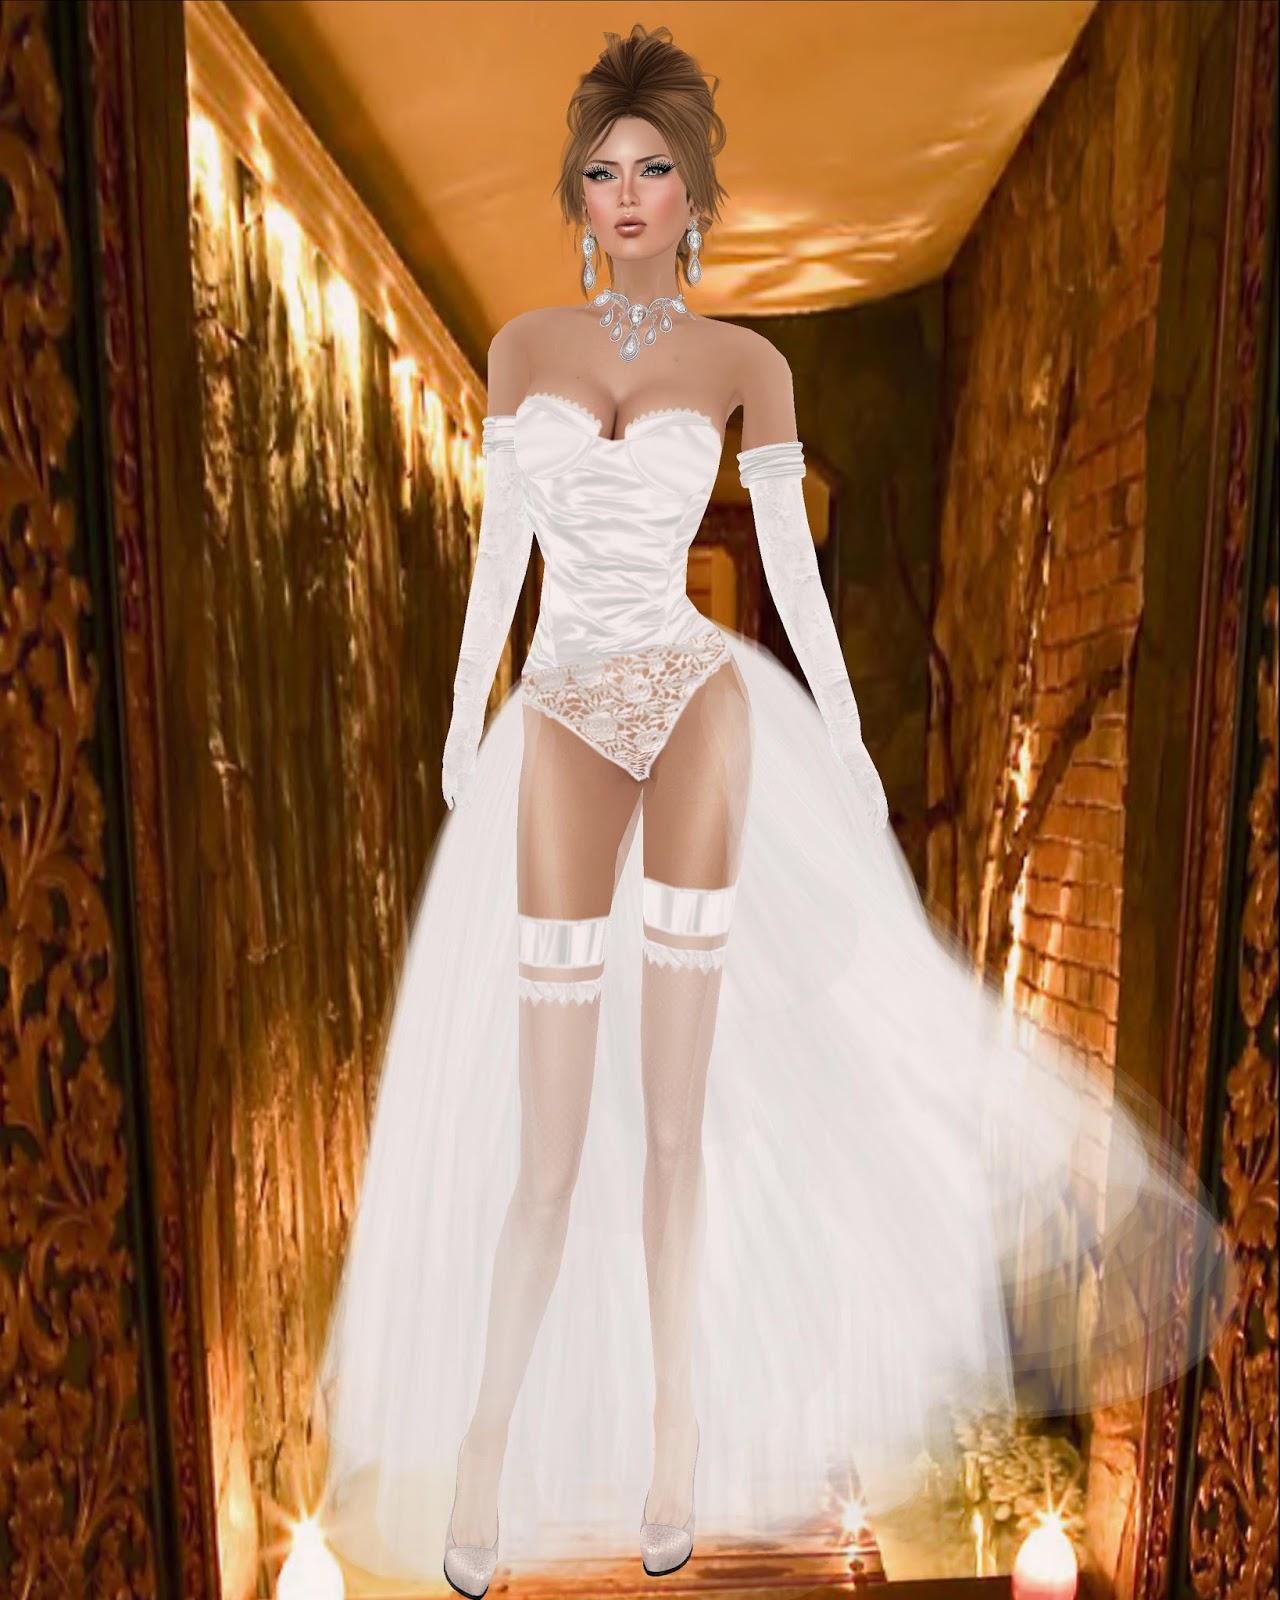 Девушки в эротических свадебных платьях думаю